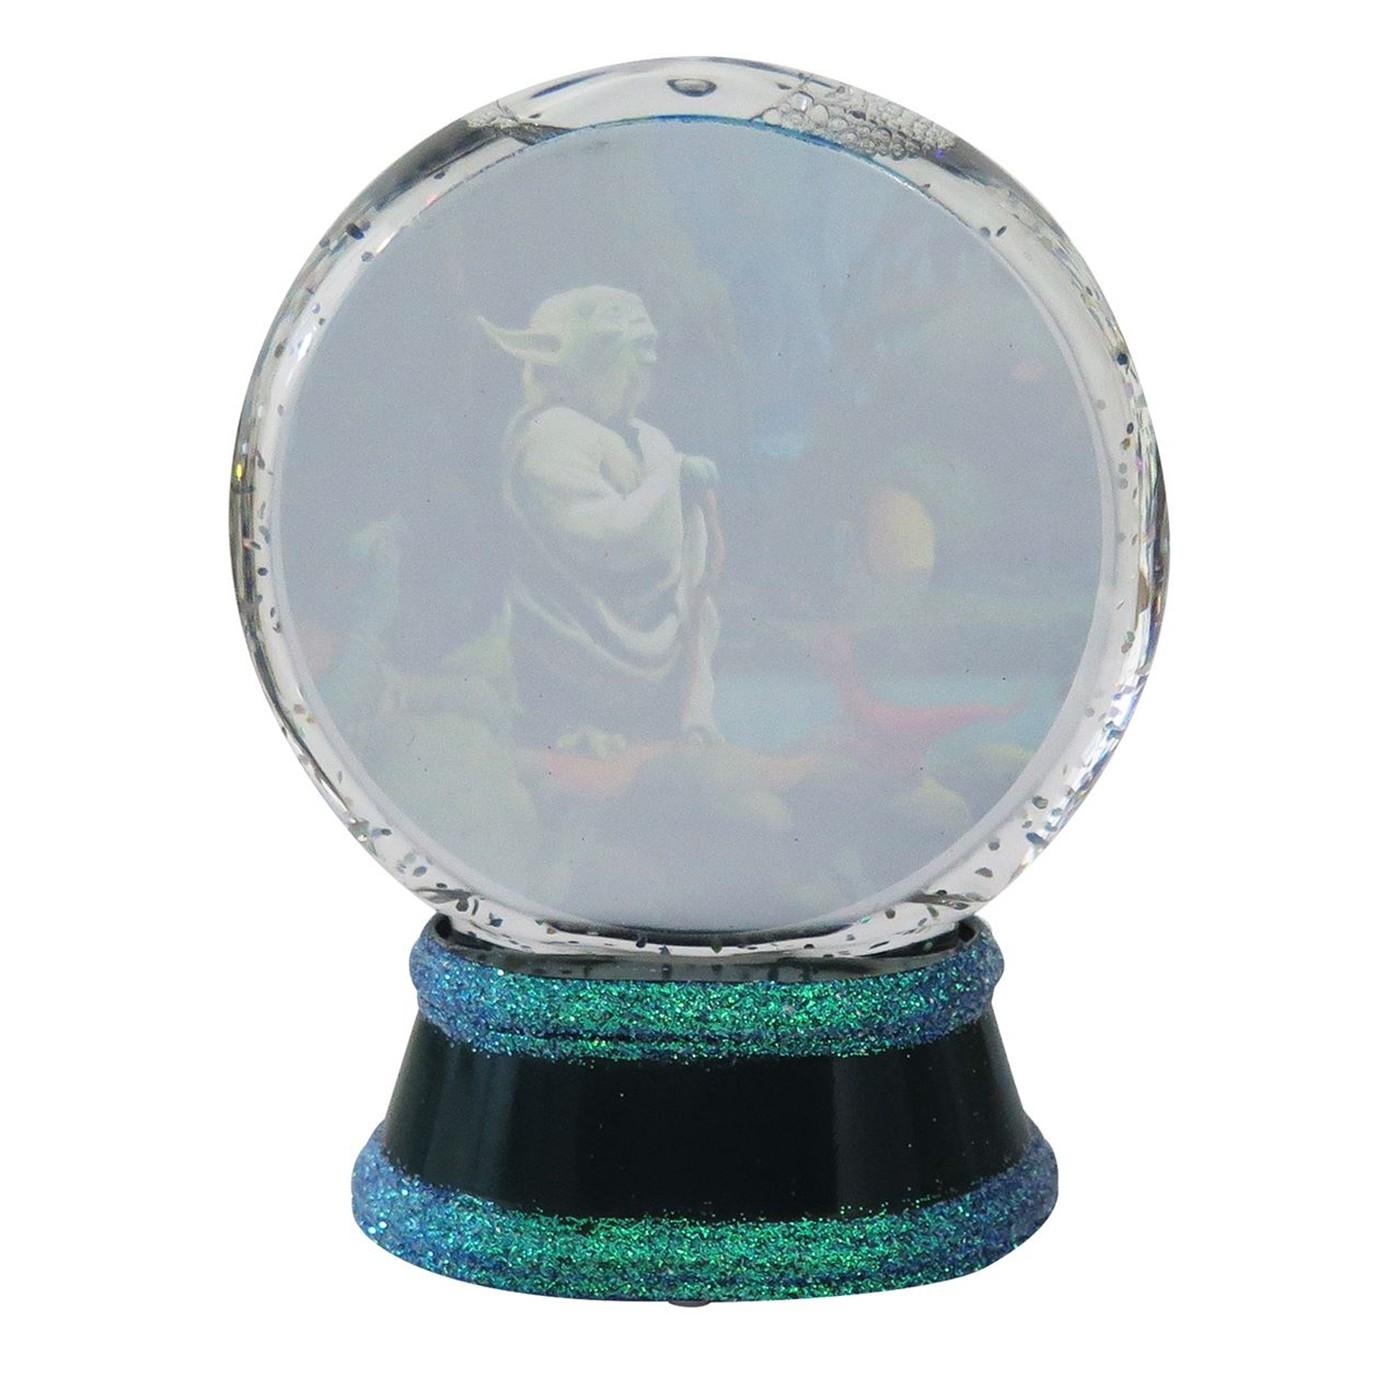 Star Wars Yoda Snow Globe